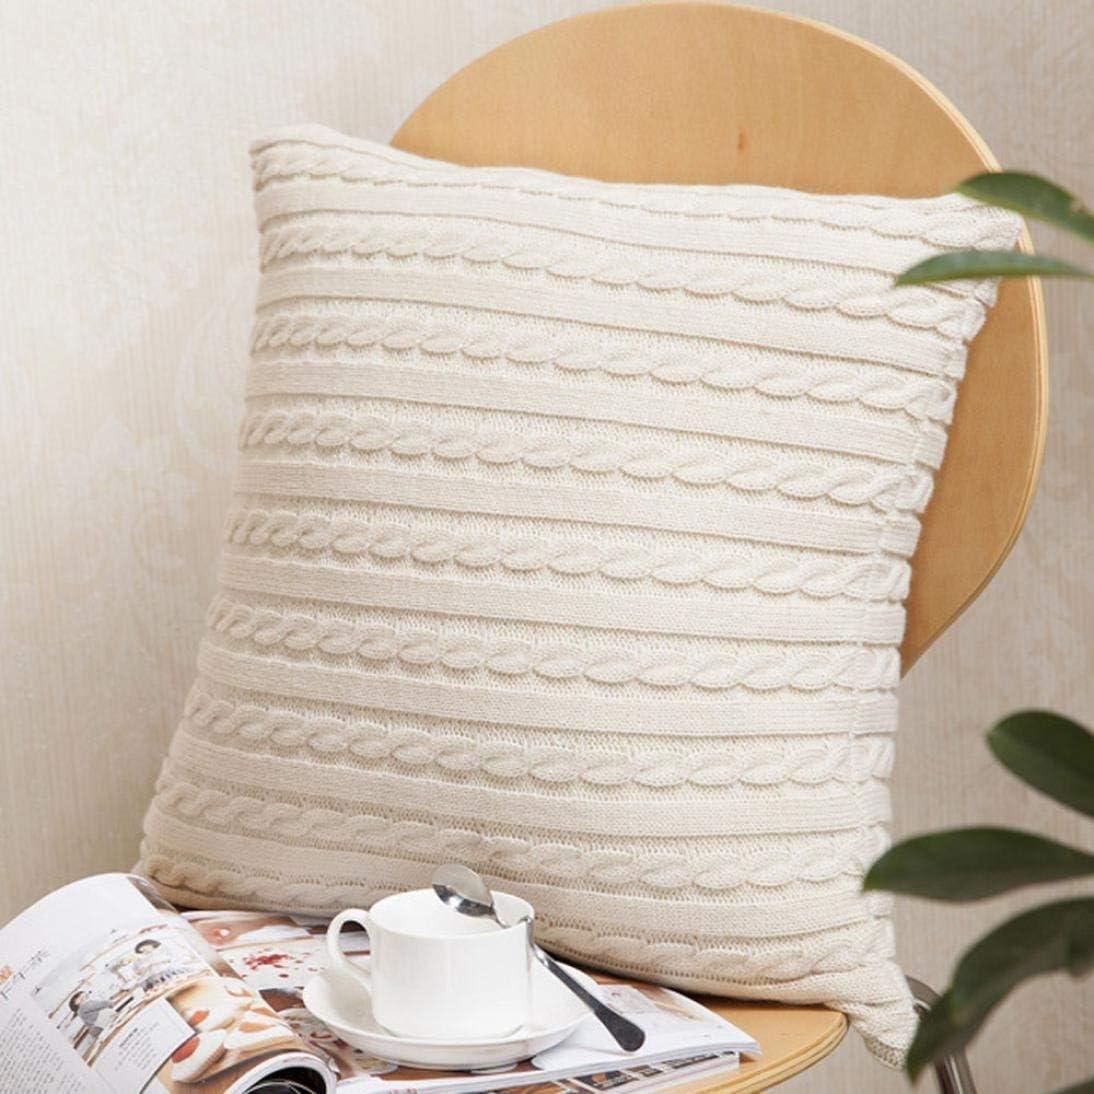 Giow Taie d'oreiller Couvre, taie d'oreiller décoratif à Tricoter Mode Throw taies d'oreiller Cafe Sofa Taie d'oreiller (Couleur: Blanc) Beige